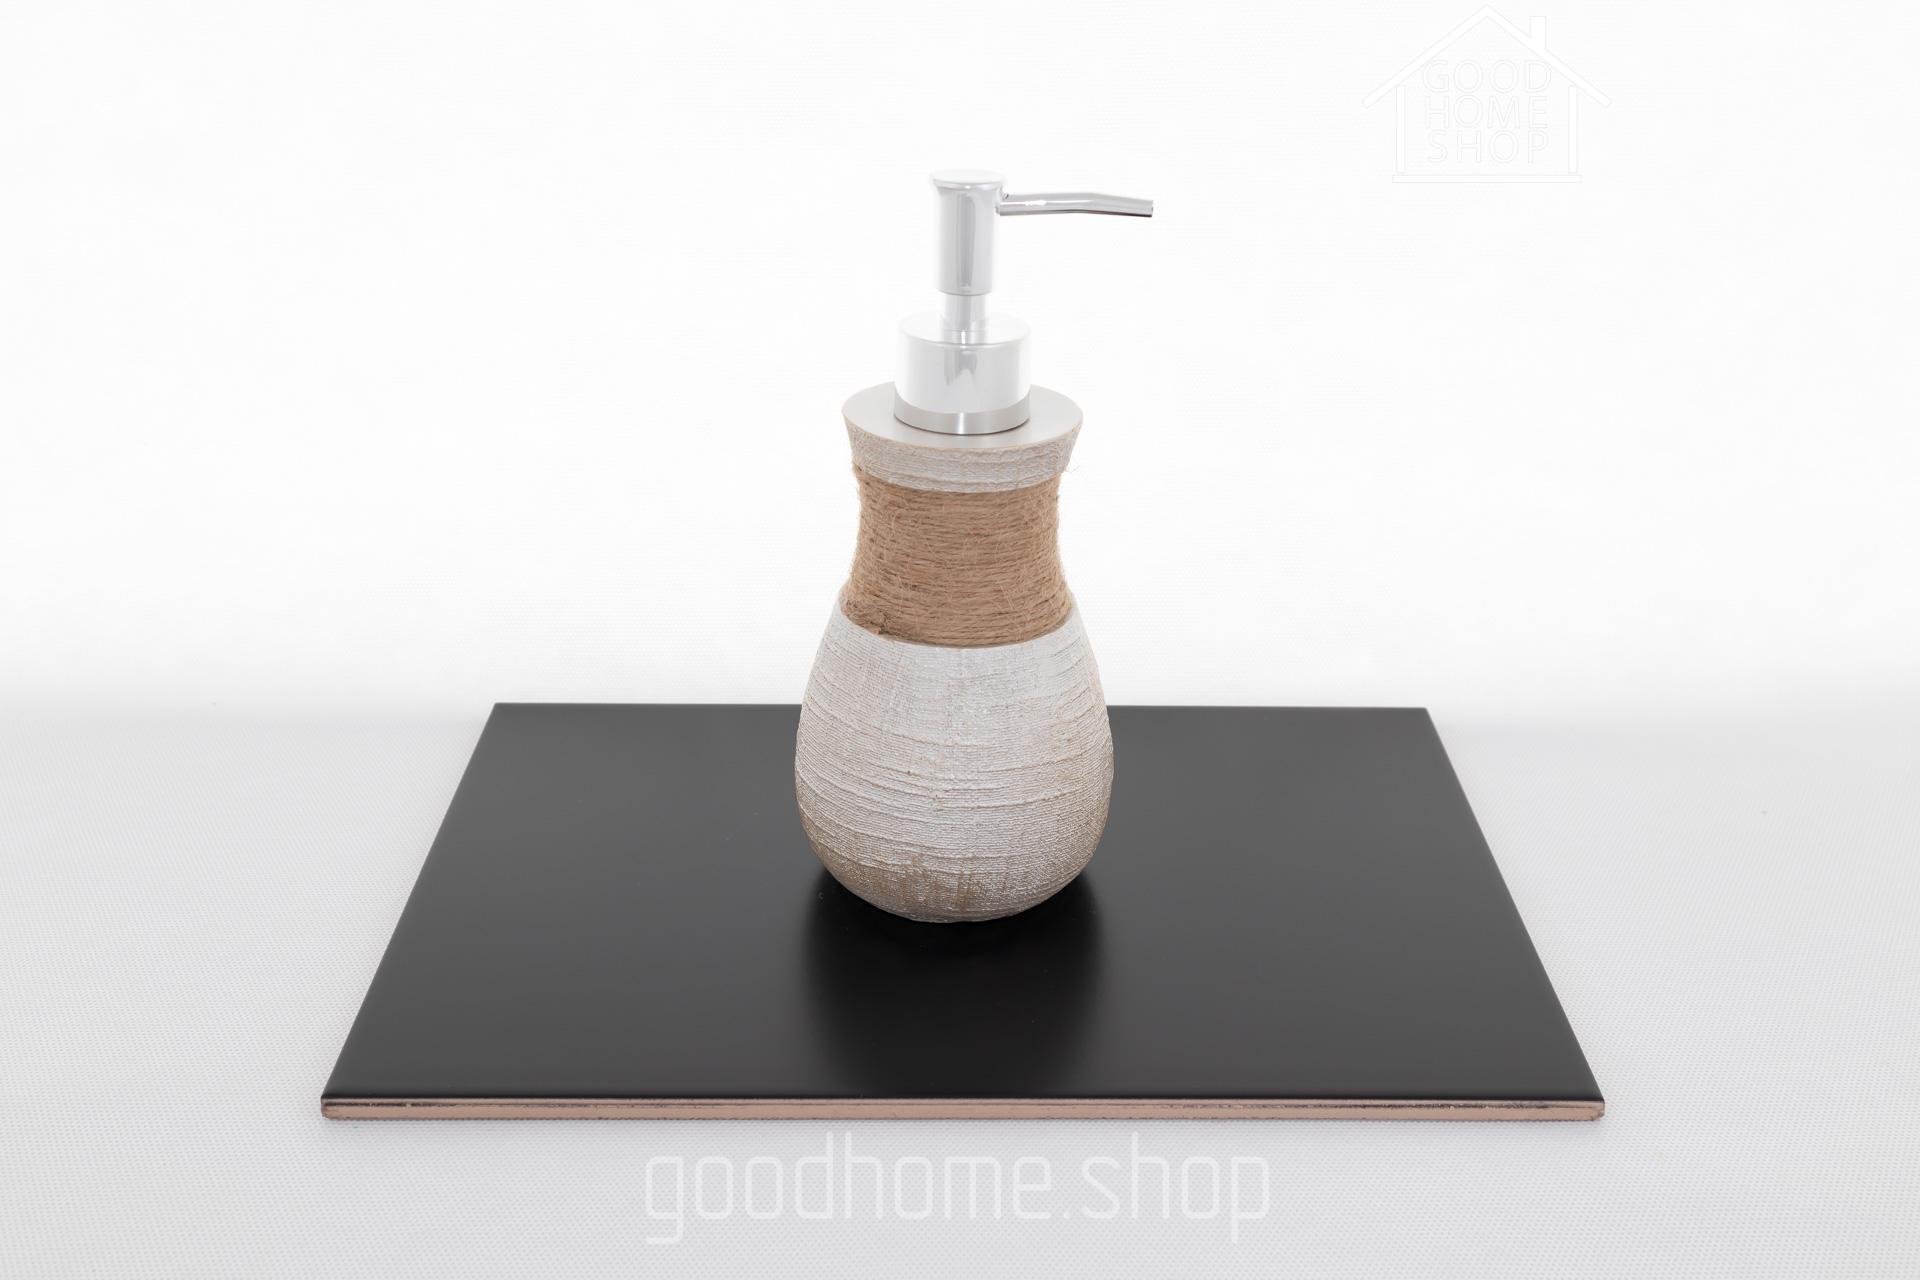 Дозатор для житкого мыла Beige crochet